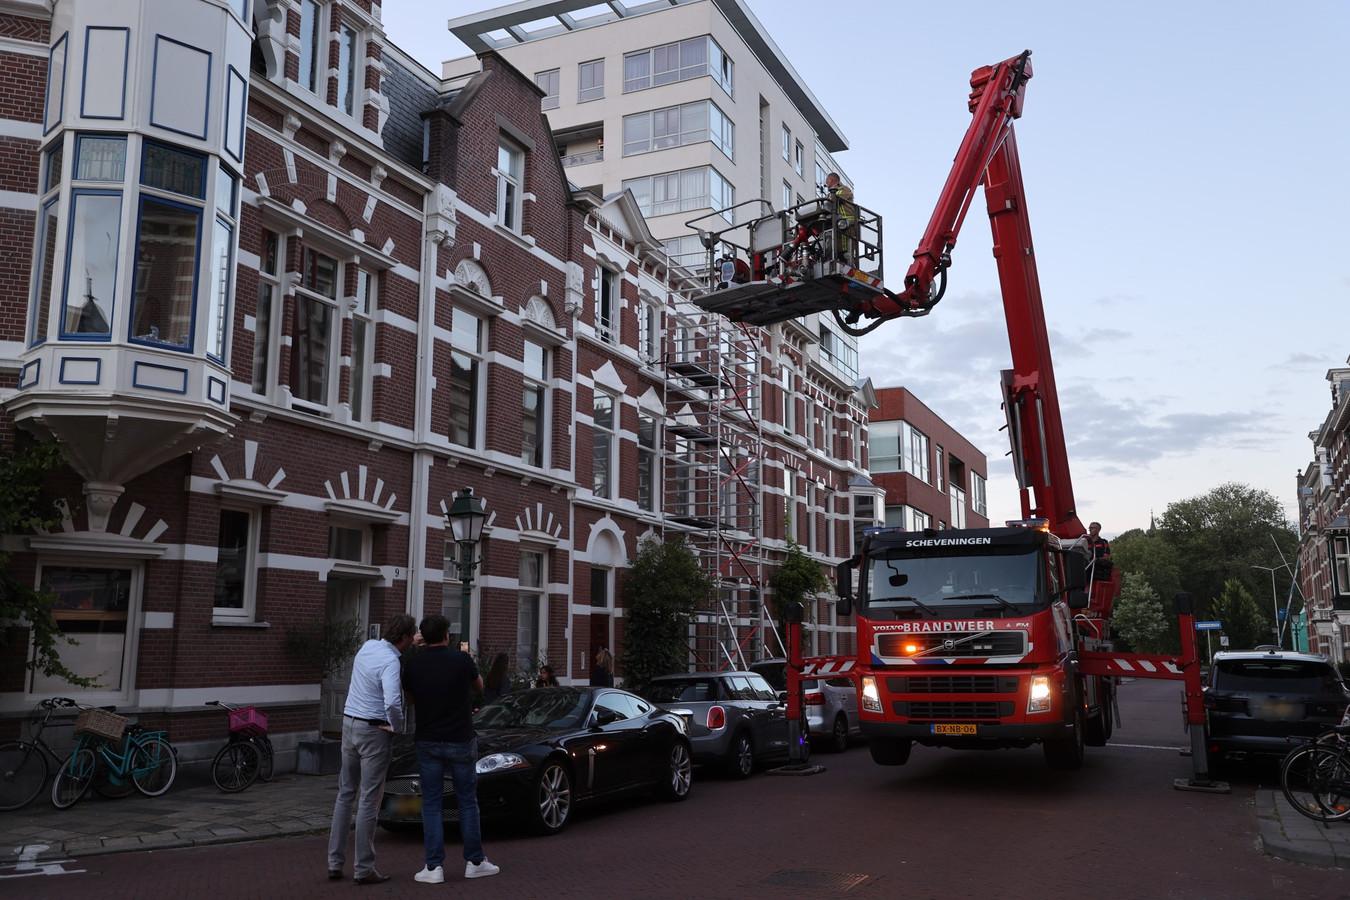 De 1e Sweelinckstraat in Den Haag was tijdelijk afgesloten tijdens de reddingsactie voor een kat.